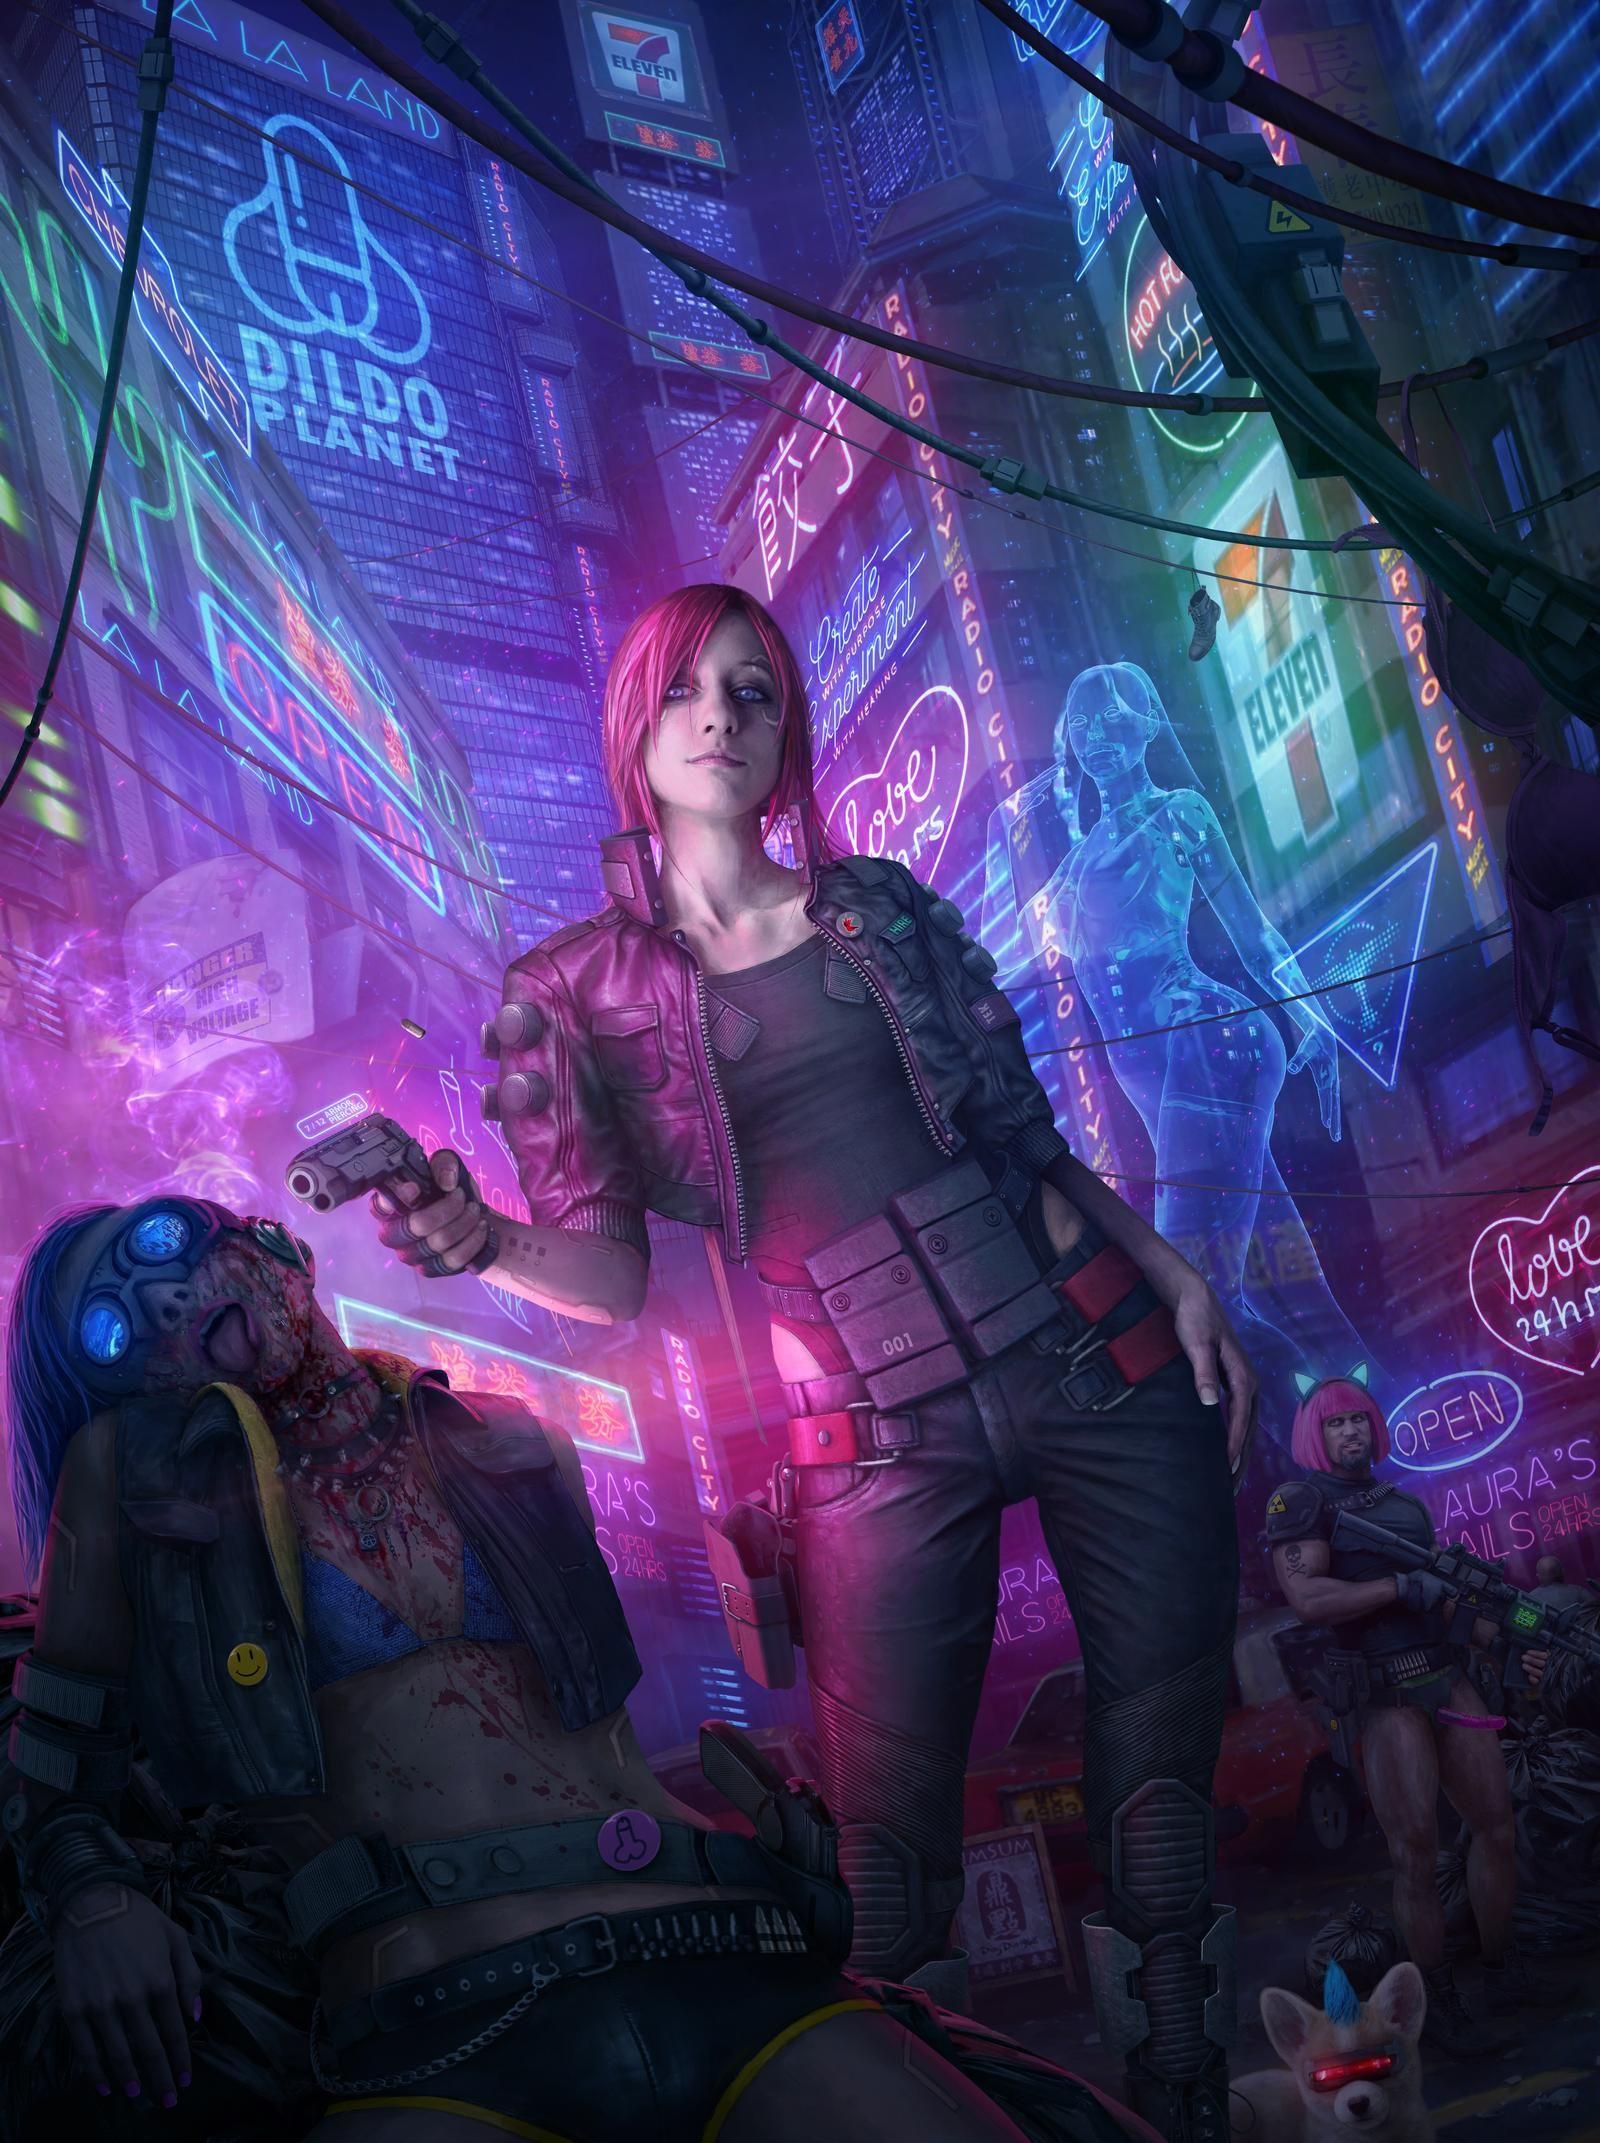 Cyberpunk 2077 Fanart Киберпанк, Научная фантастика